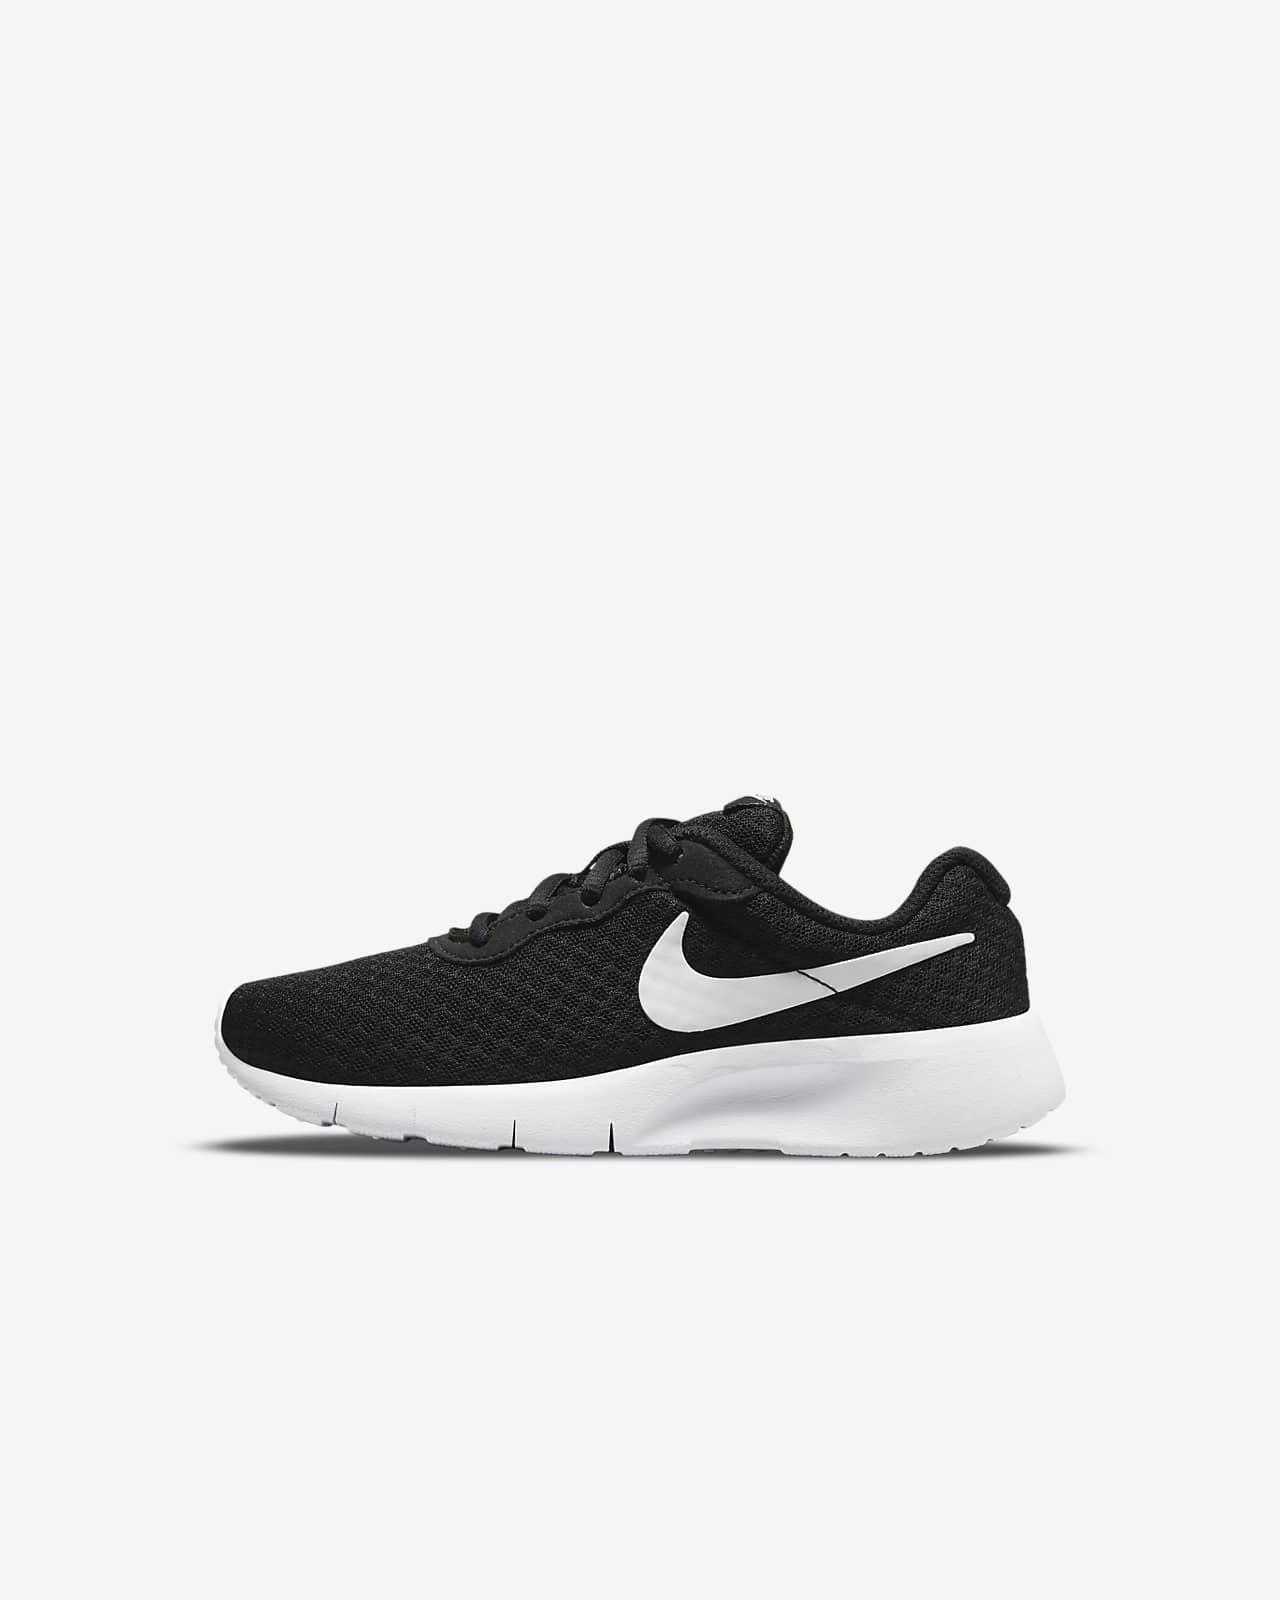 Bota Nike Tanjun pro malé děti